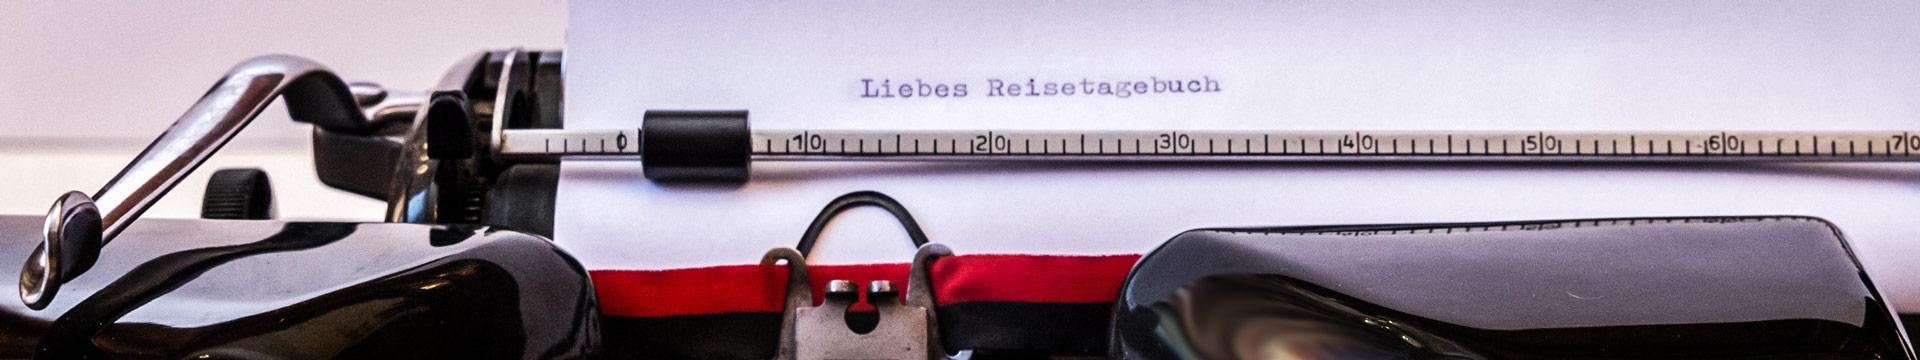 Reise-Schreibmaschine